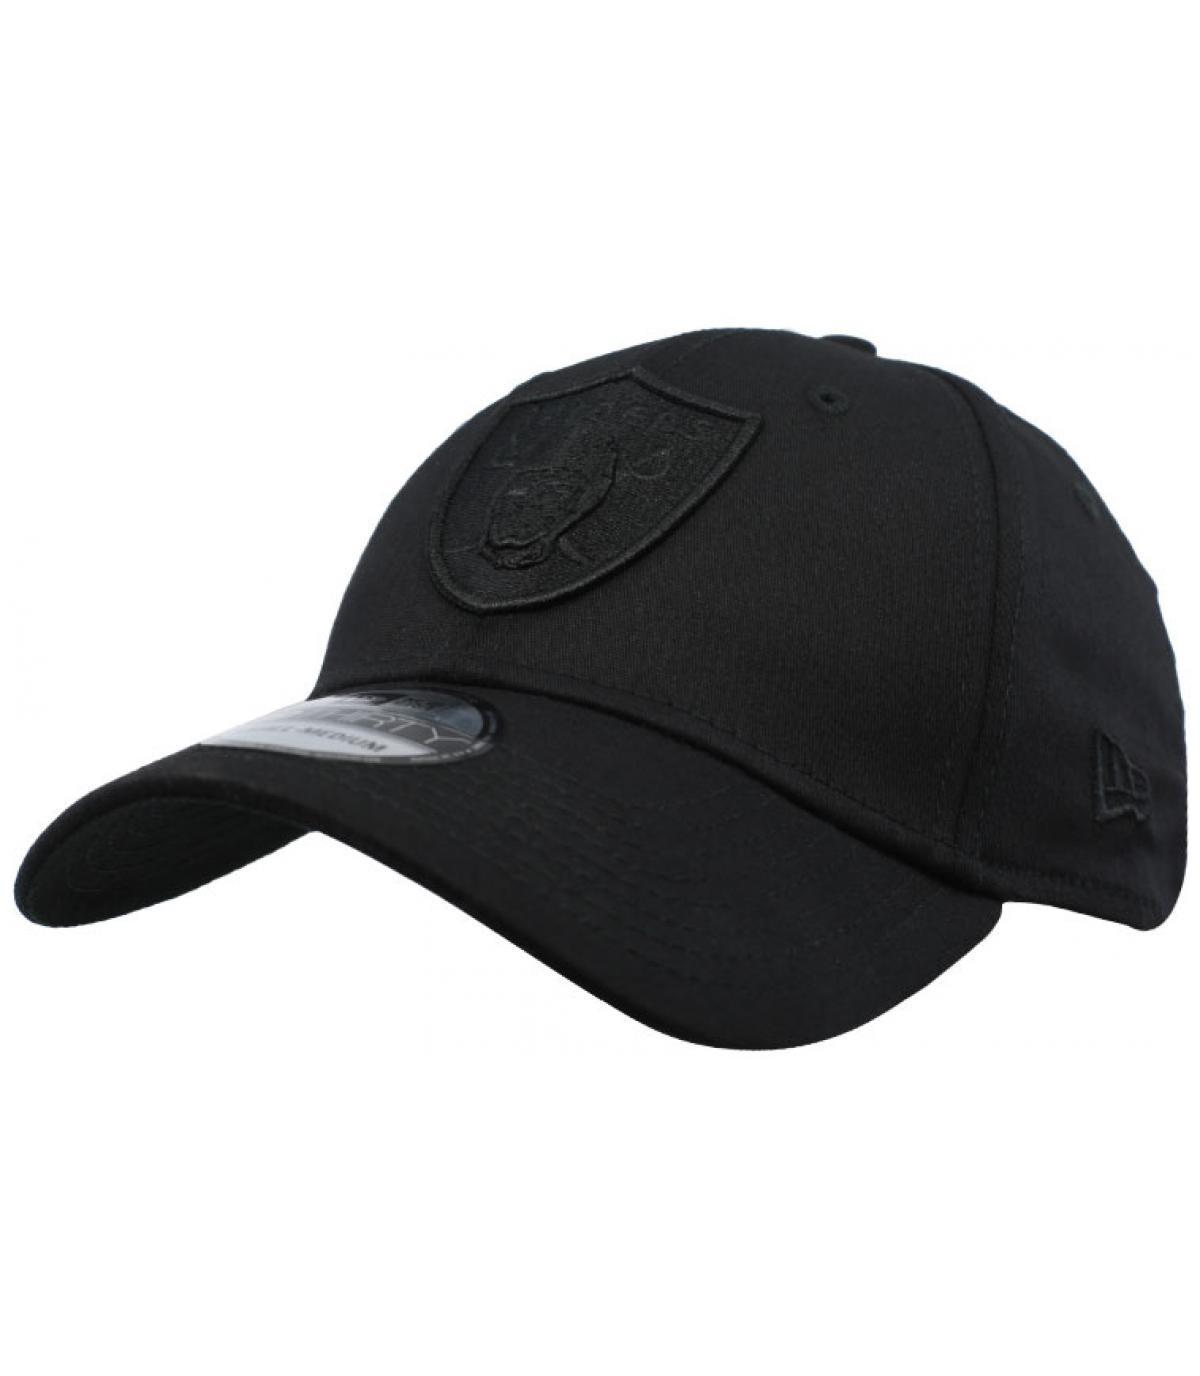 Détails Casquette Raiders Black On Black 39Thirty - image 2